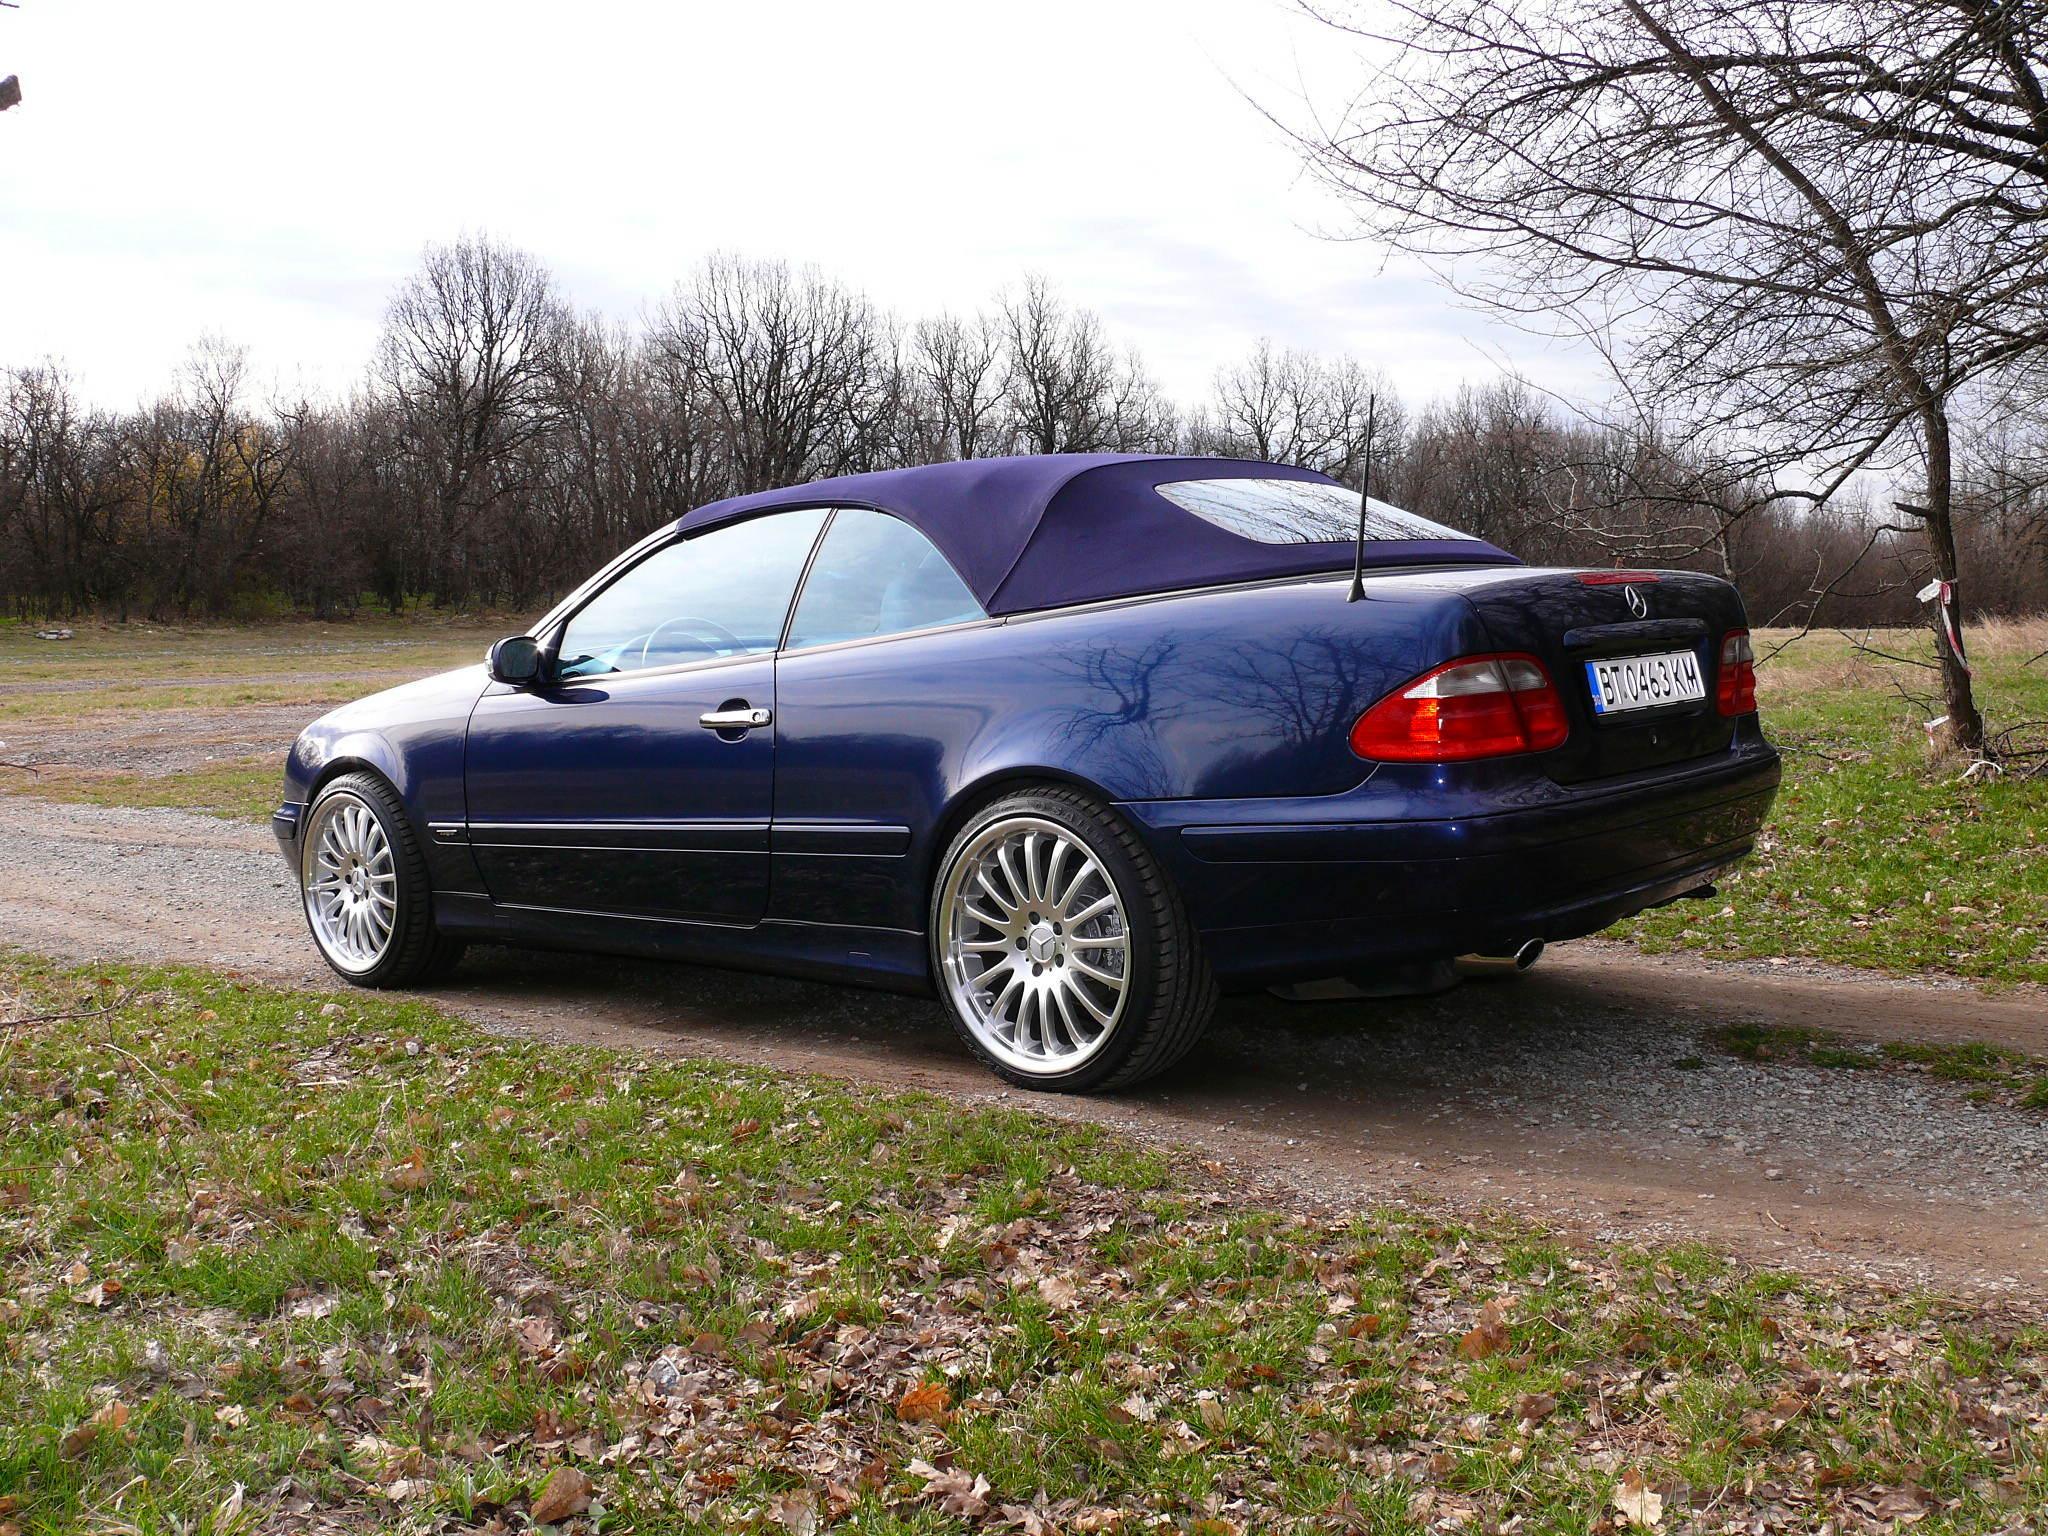 Mes voitures en photos STIHLMI16 ® - Page 12 P1060518